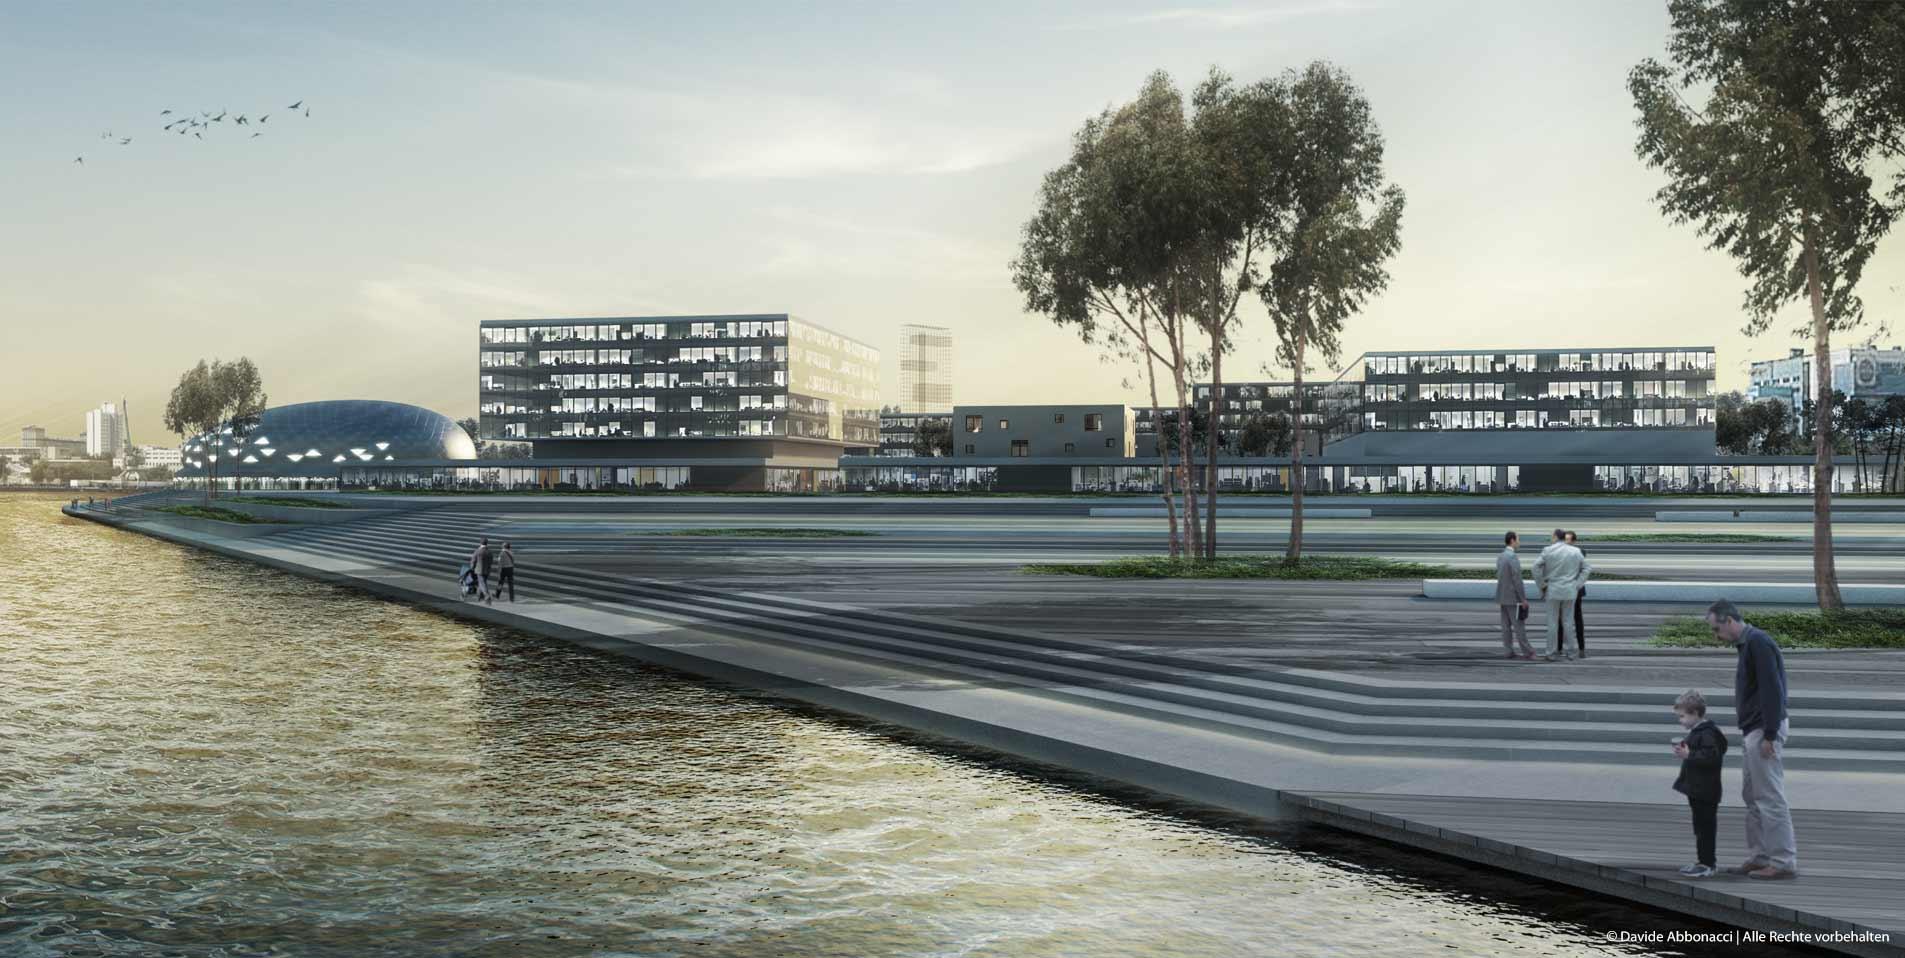 ZIL Pioneer, Moscow, Russia | Uberbau Architecture & Urbanism  | 2012 Wettbewerbsvisualisierung | 1. Preis